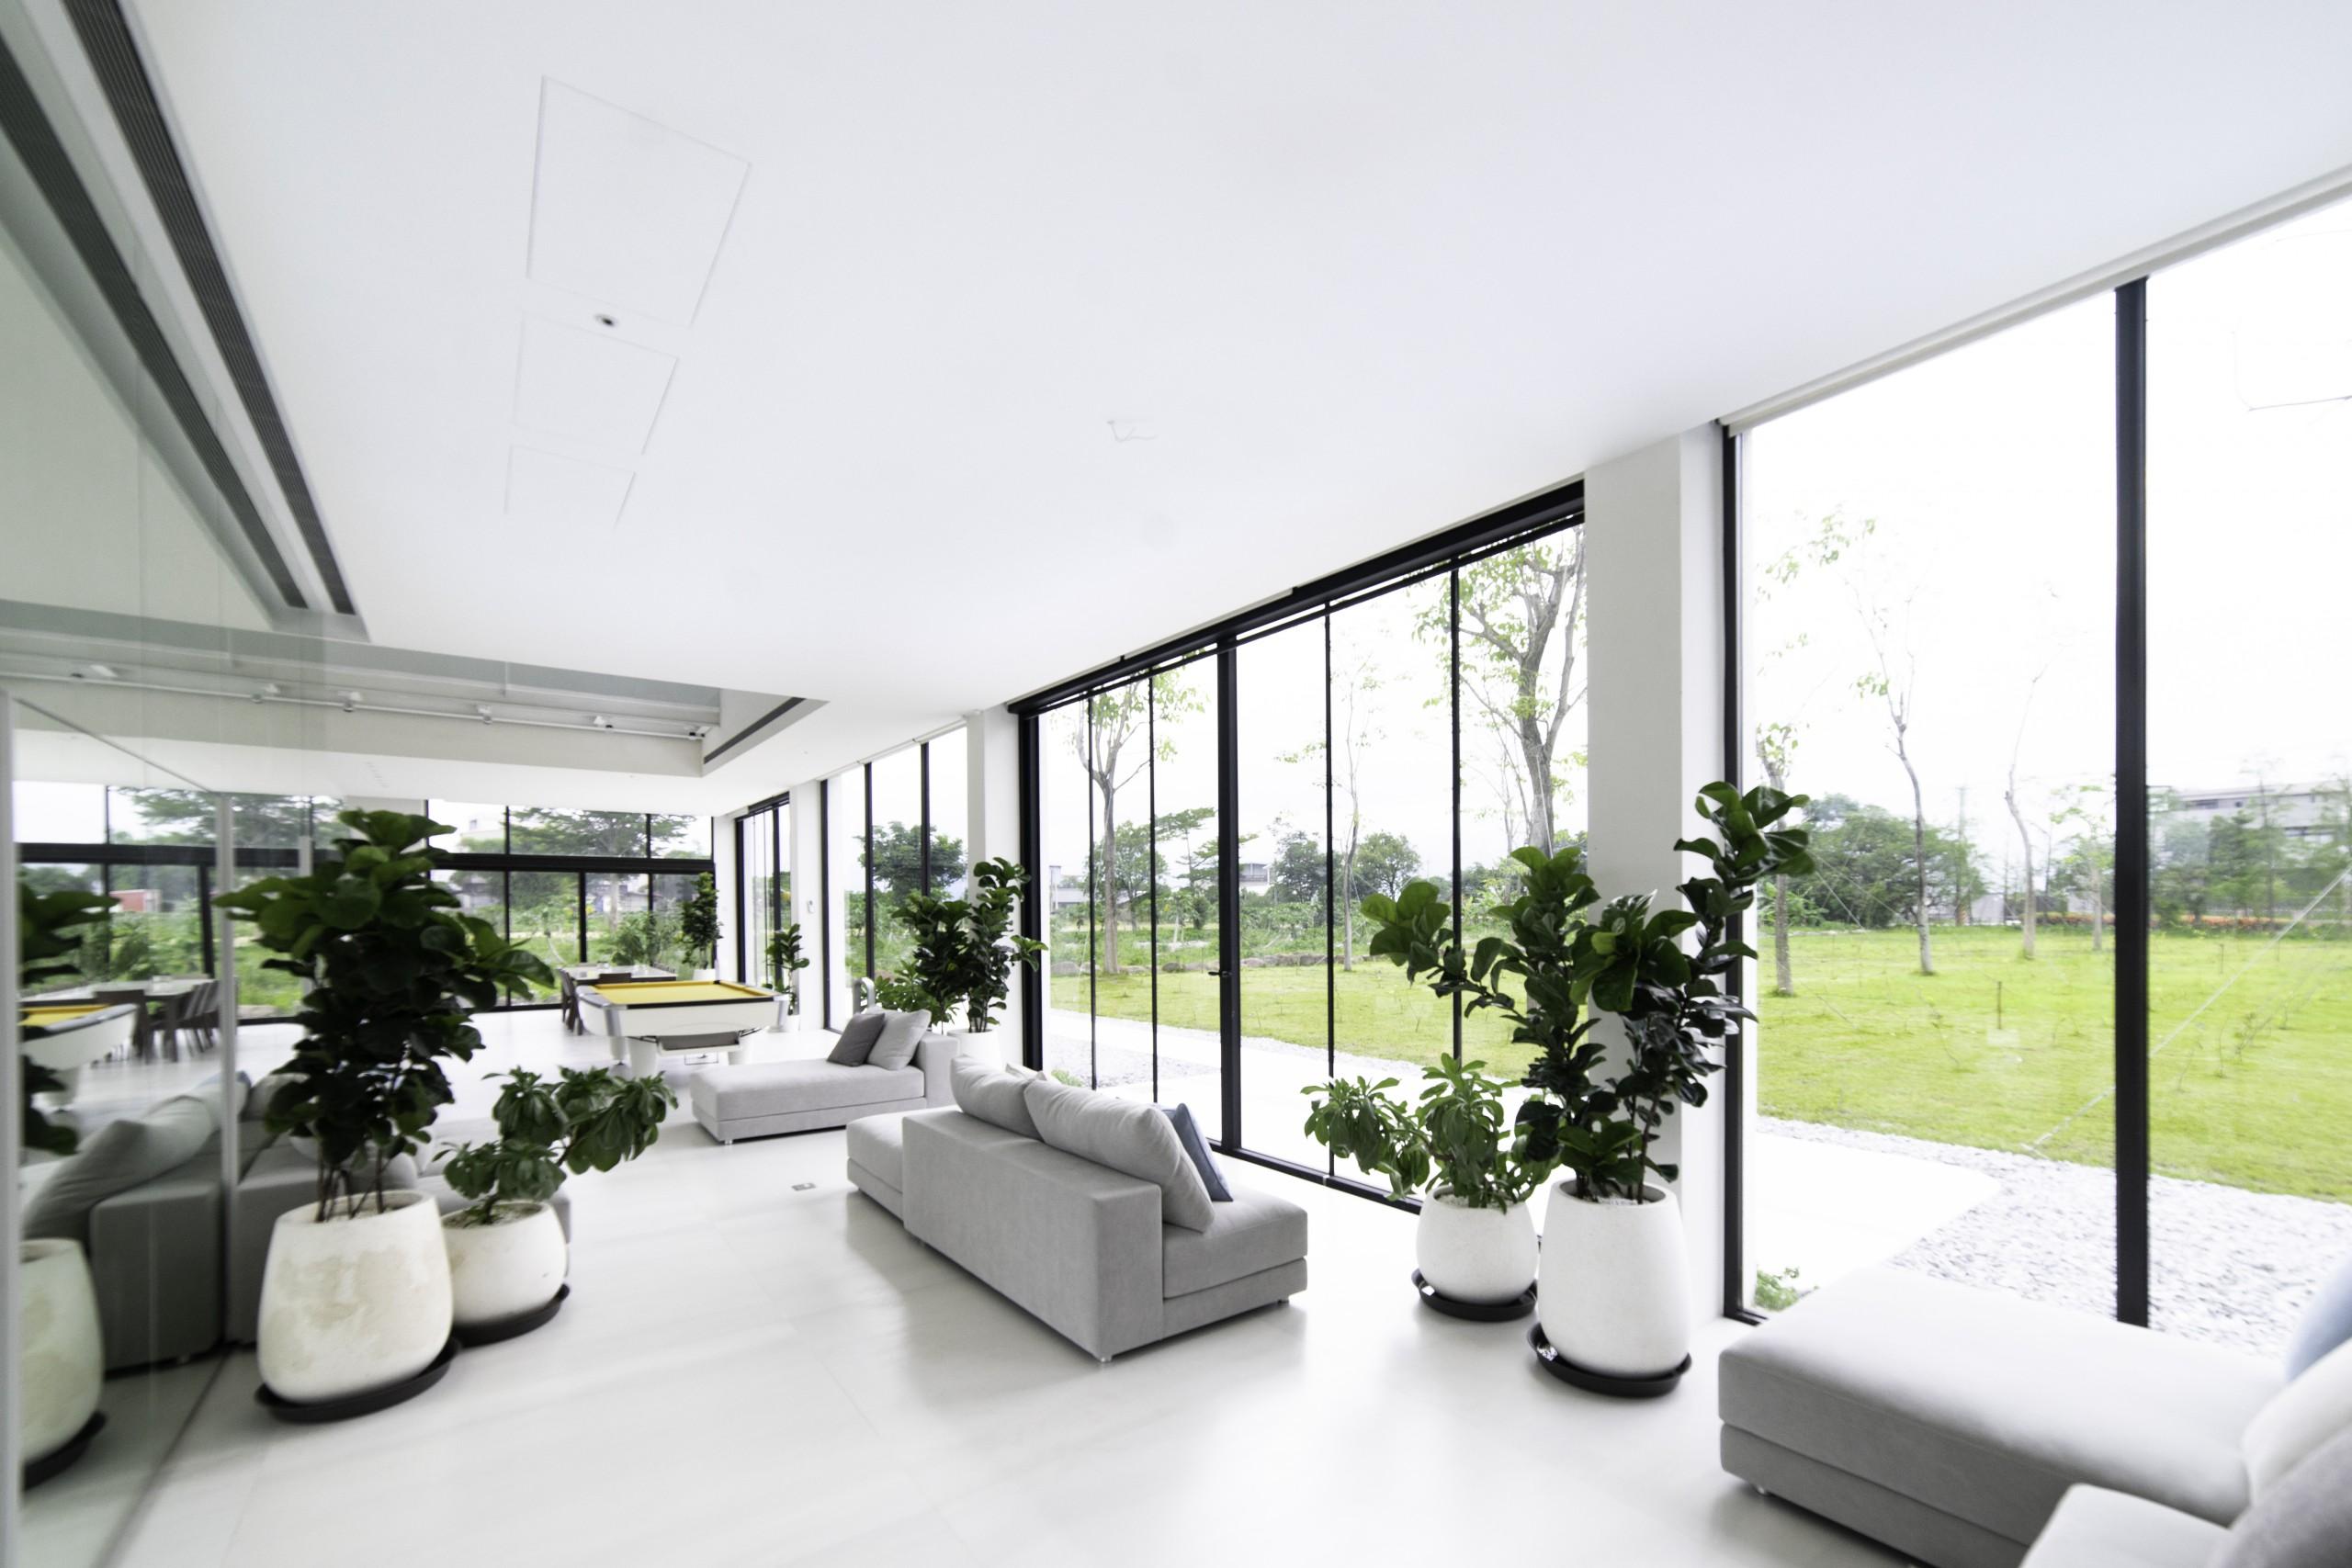 ©室內透過鏡面的反射,每個角落都可以感受到綠意與四季的變化